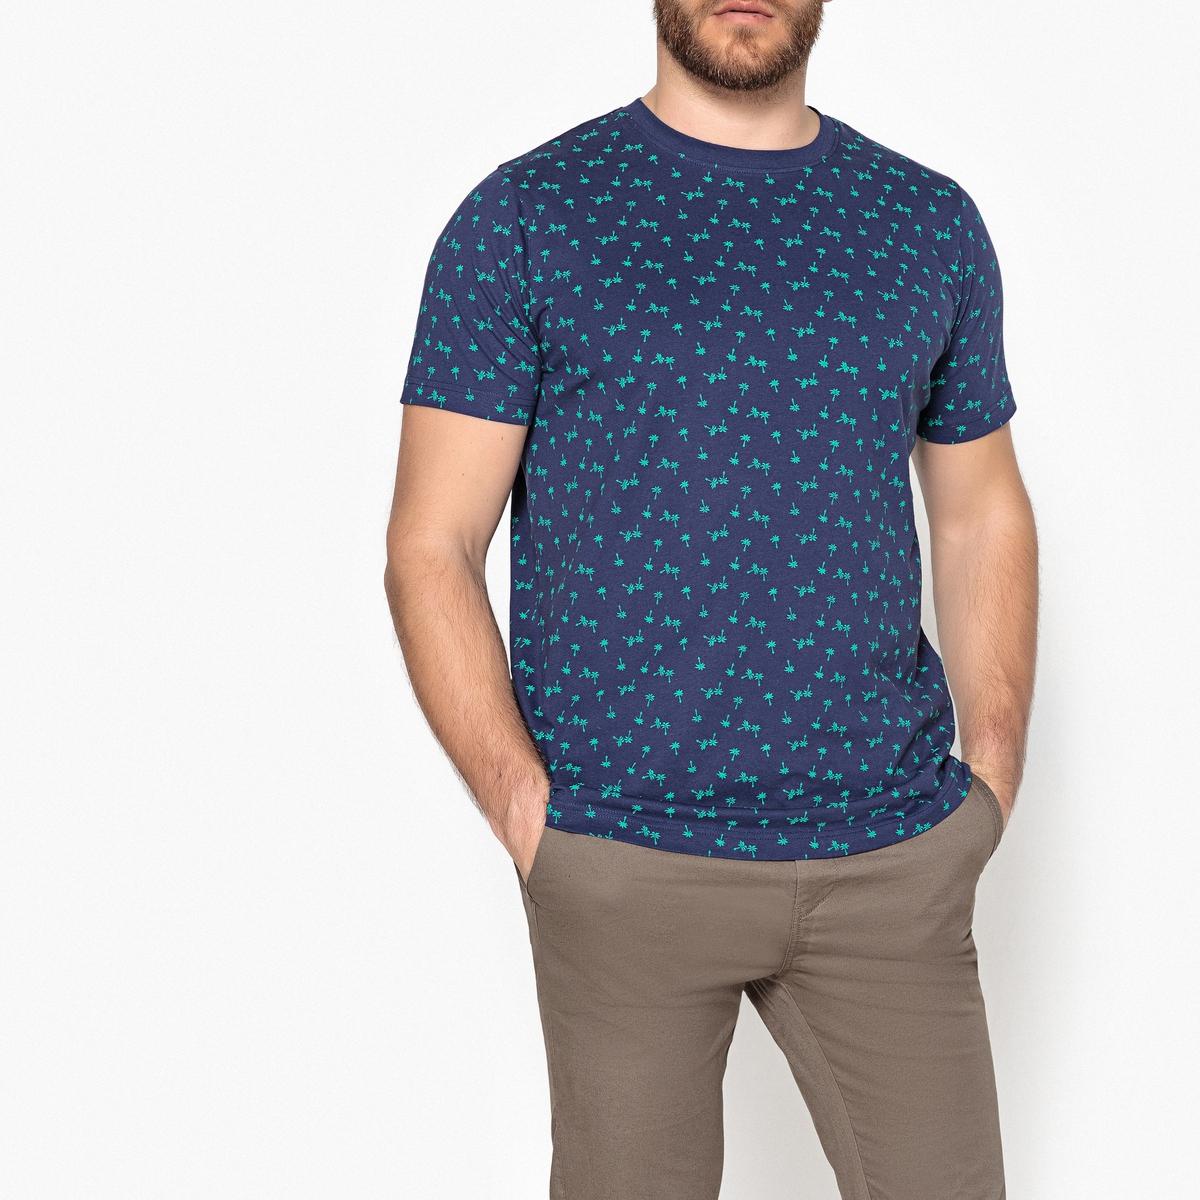 T-shirt de gola redonda, estampada